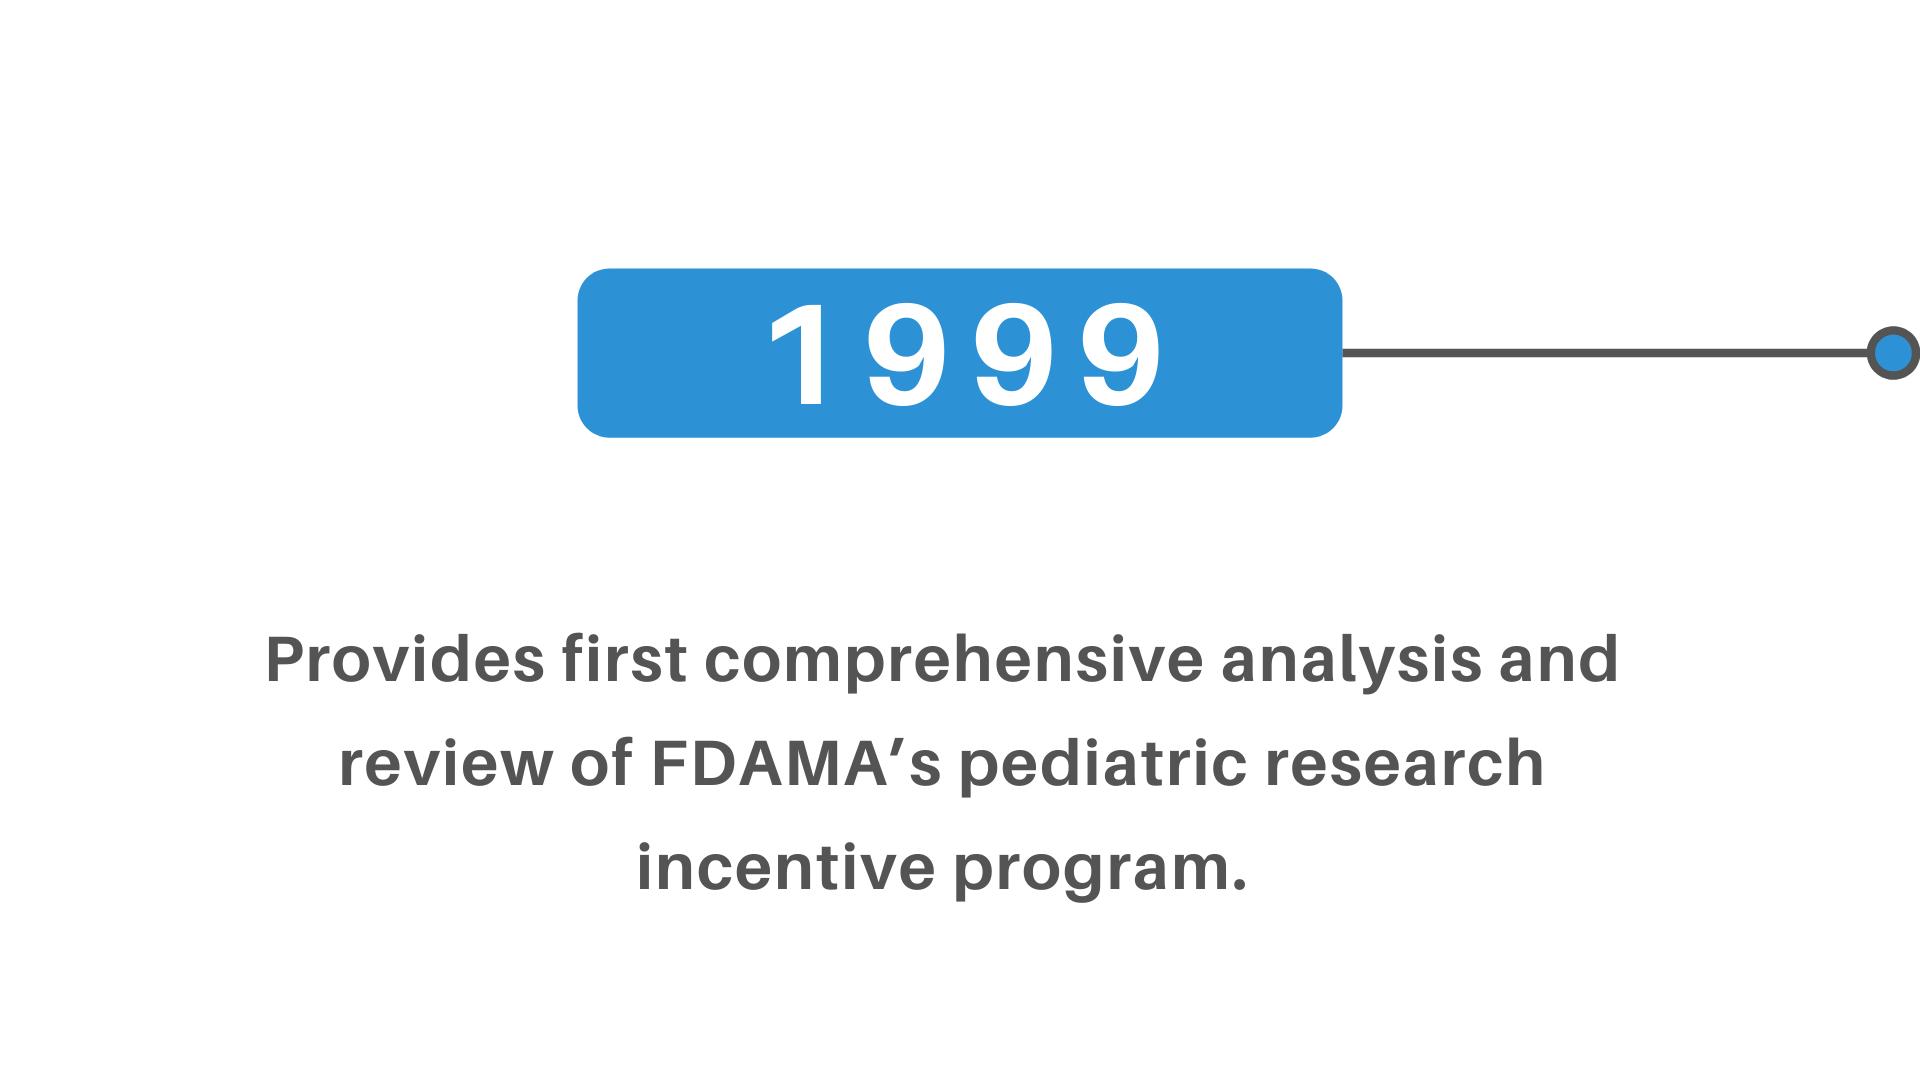 FDAMA pediatric research incentive program